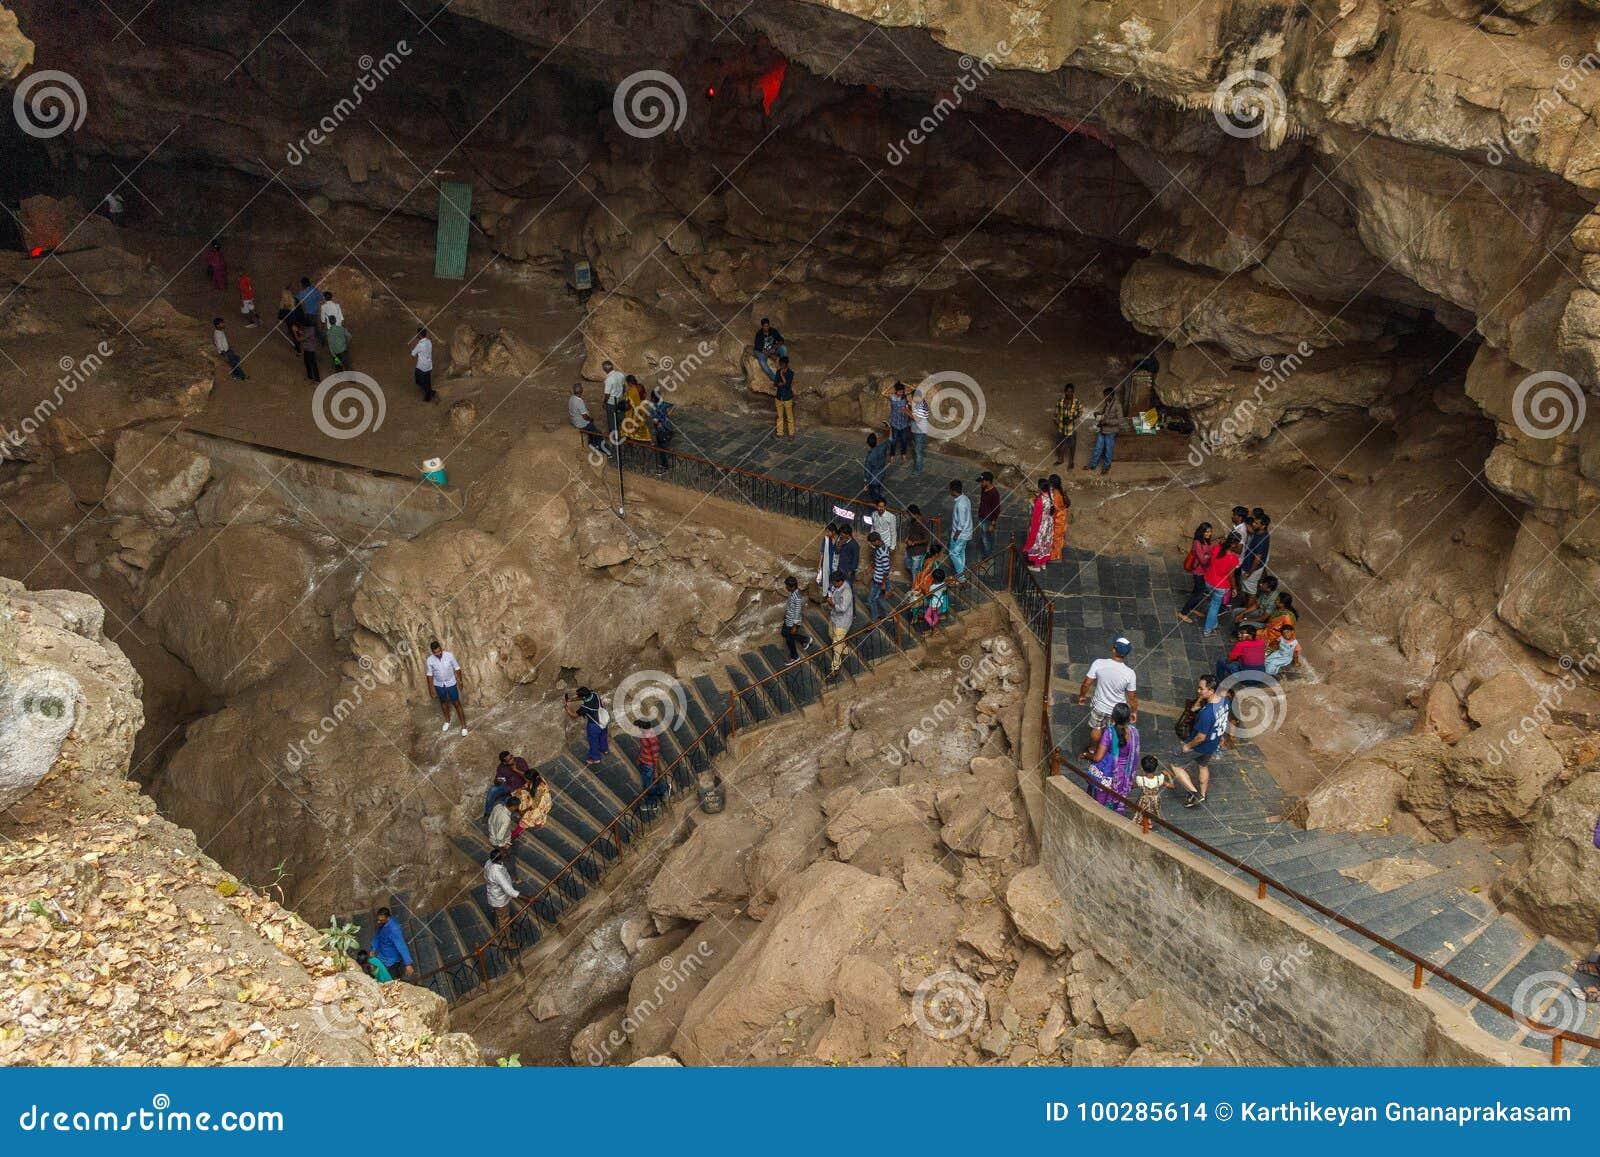 Κοιλάδα Araku, Visakhapatnam Άντρα Πραντές, Ινδία, στις 4 Μαρτίου 2017: Εσωτερική άποψη της σπηλιάς borra